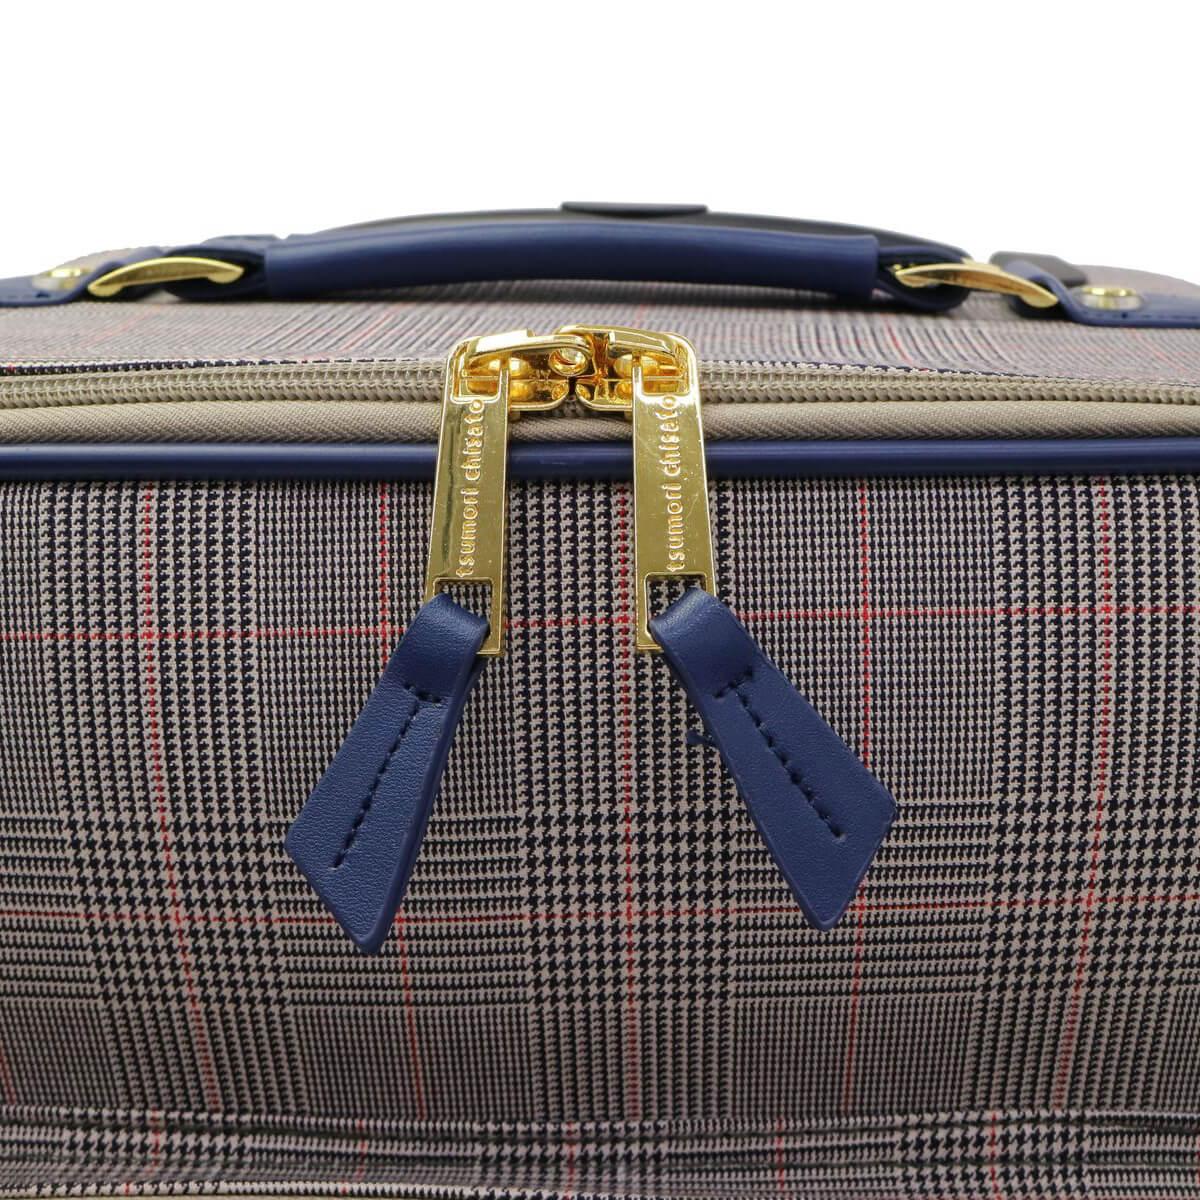 d1cc450815 tsumori chisato TRAVEL ツモリチサト トラベル グレンチェックキャリー スーツケース 30L  4235|【公式】カバン・小物の専門店のギャレリアモール